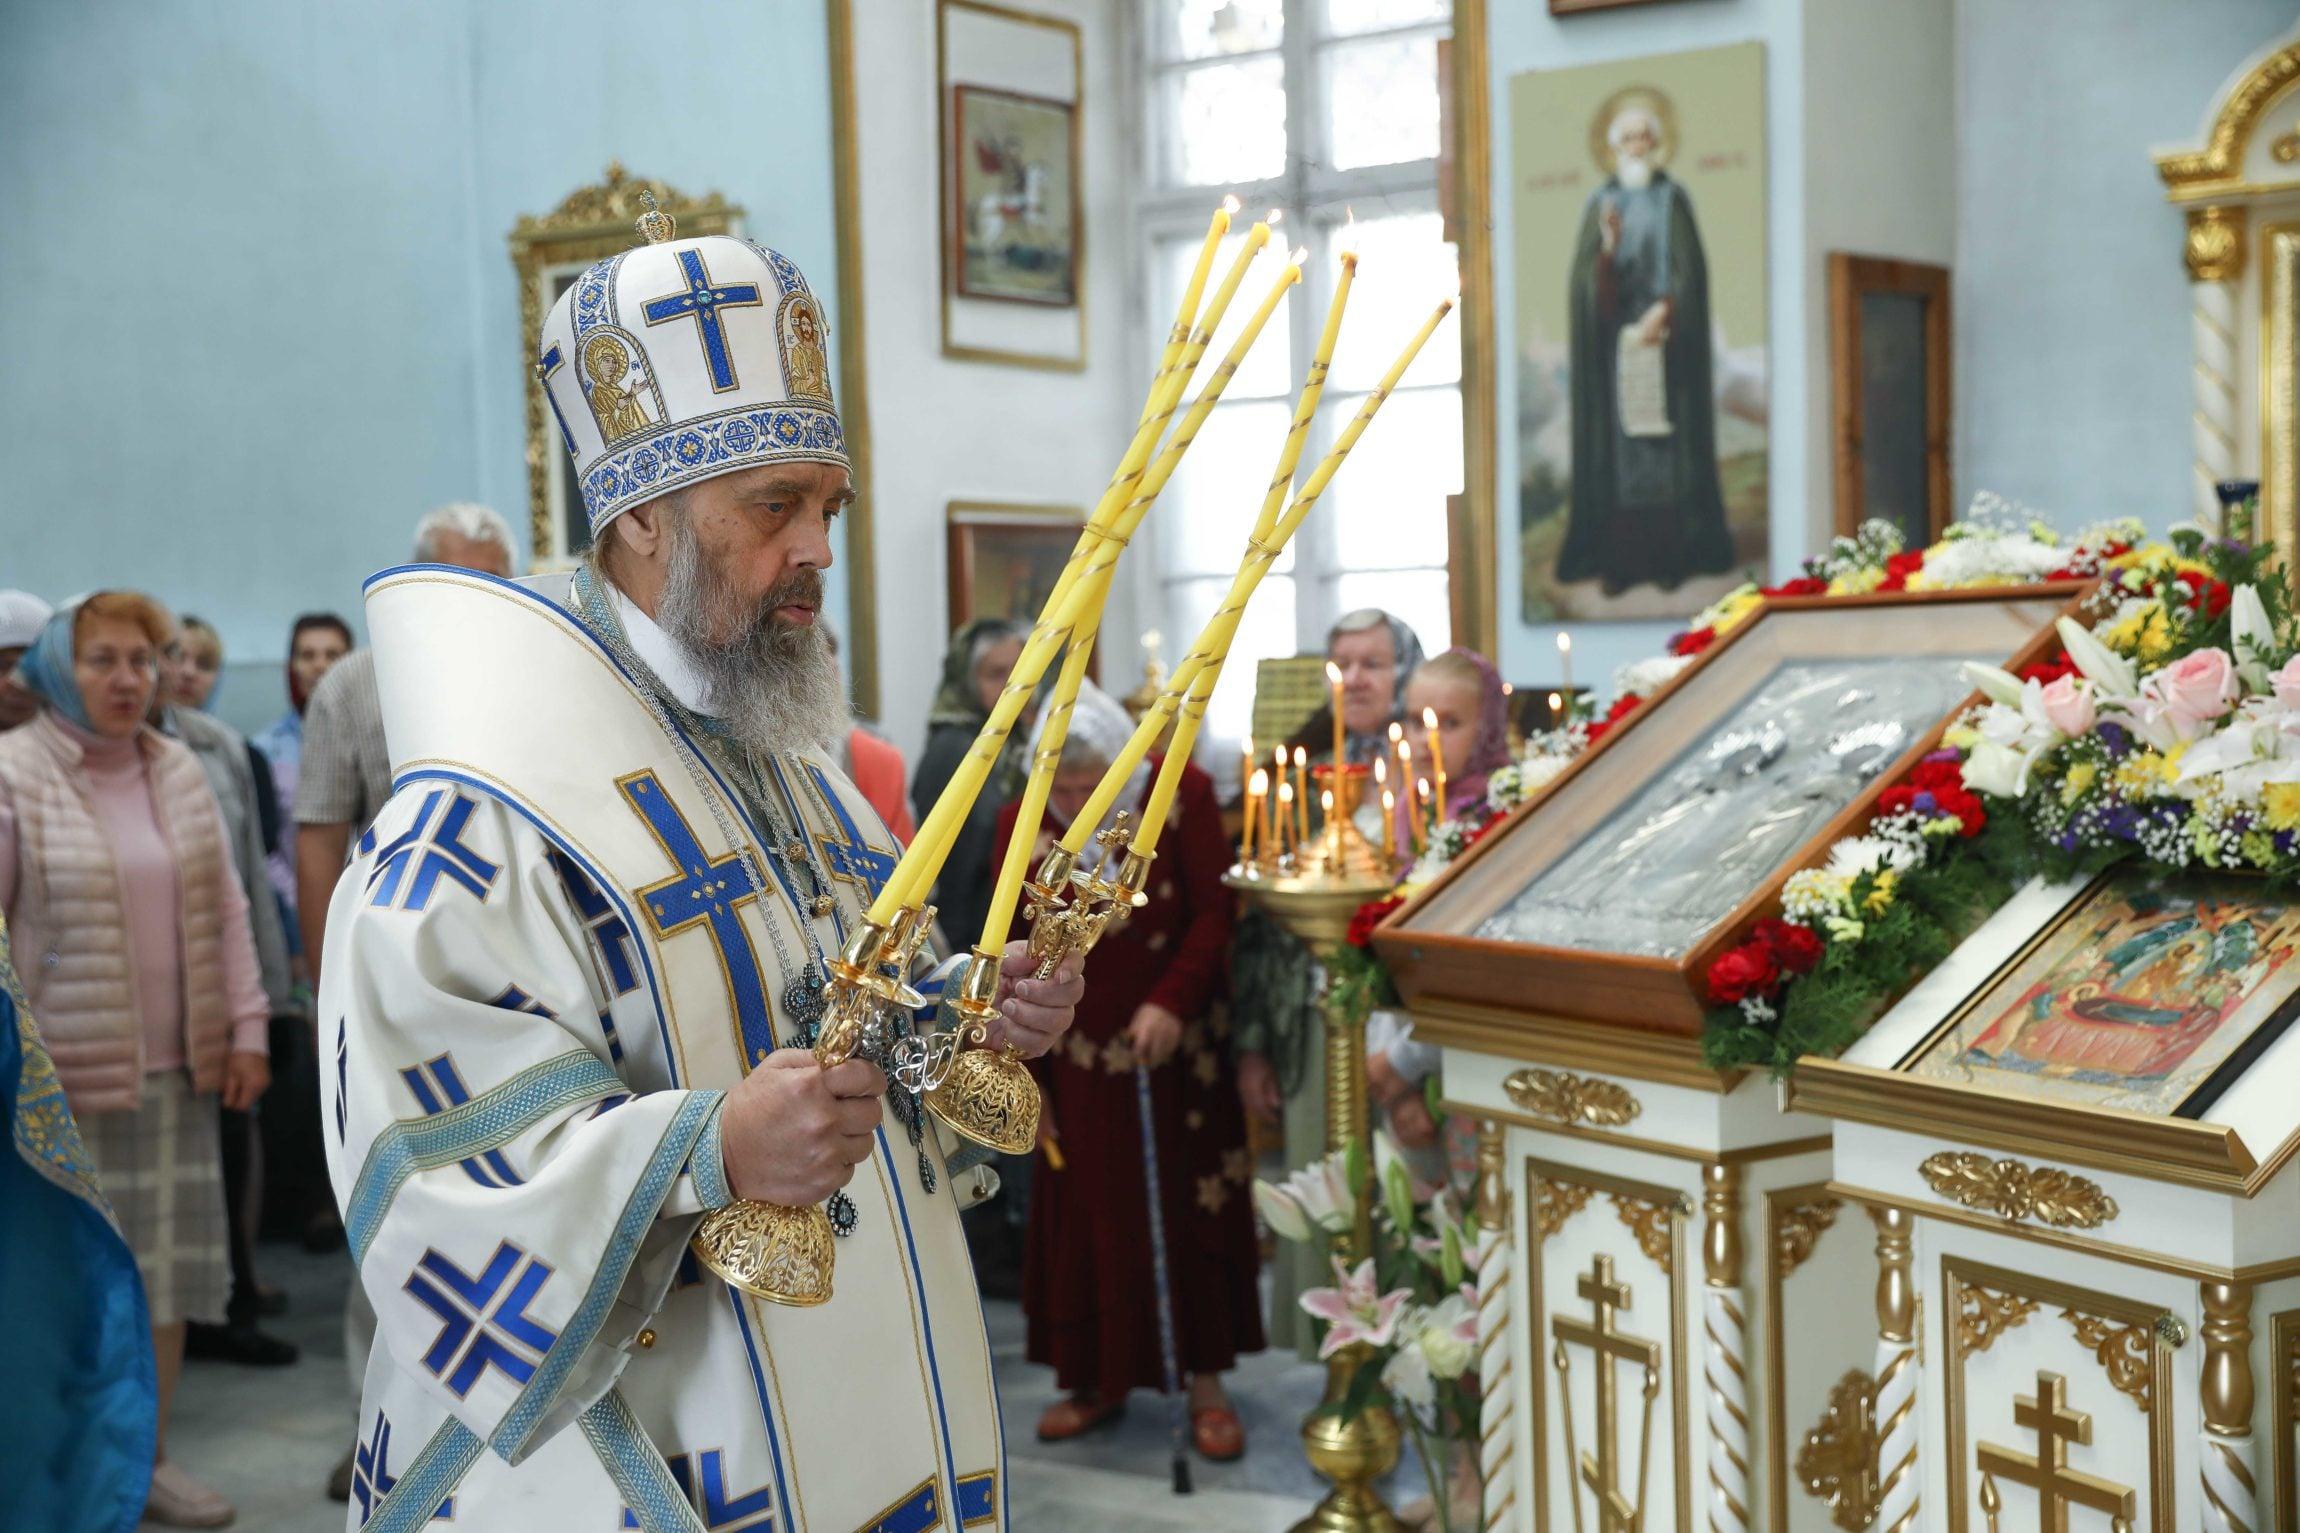 http://monuspen.ru/photoreports/300a33e78ae43bf112005df432bc34g3.jpg